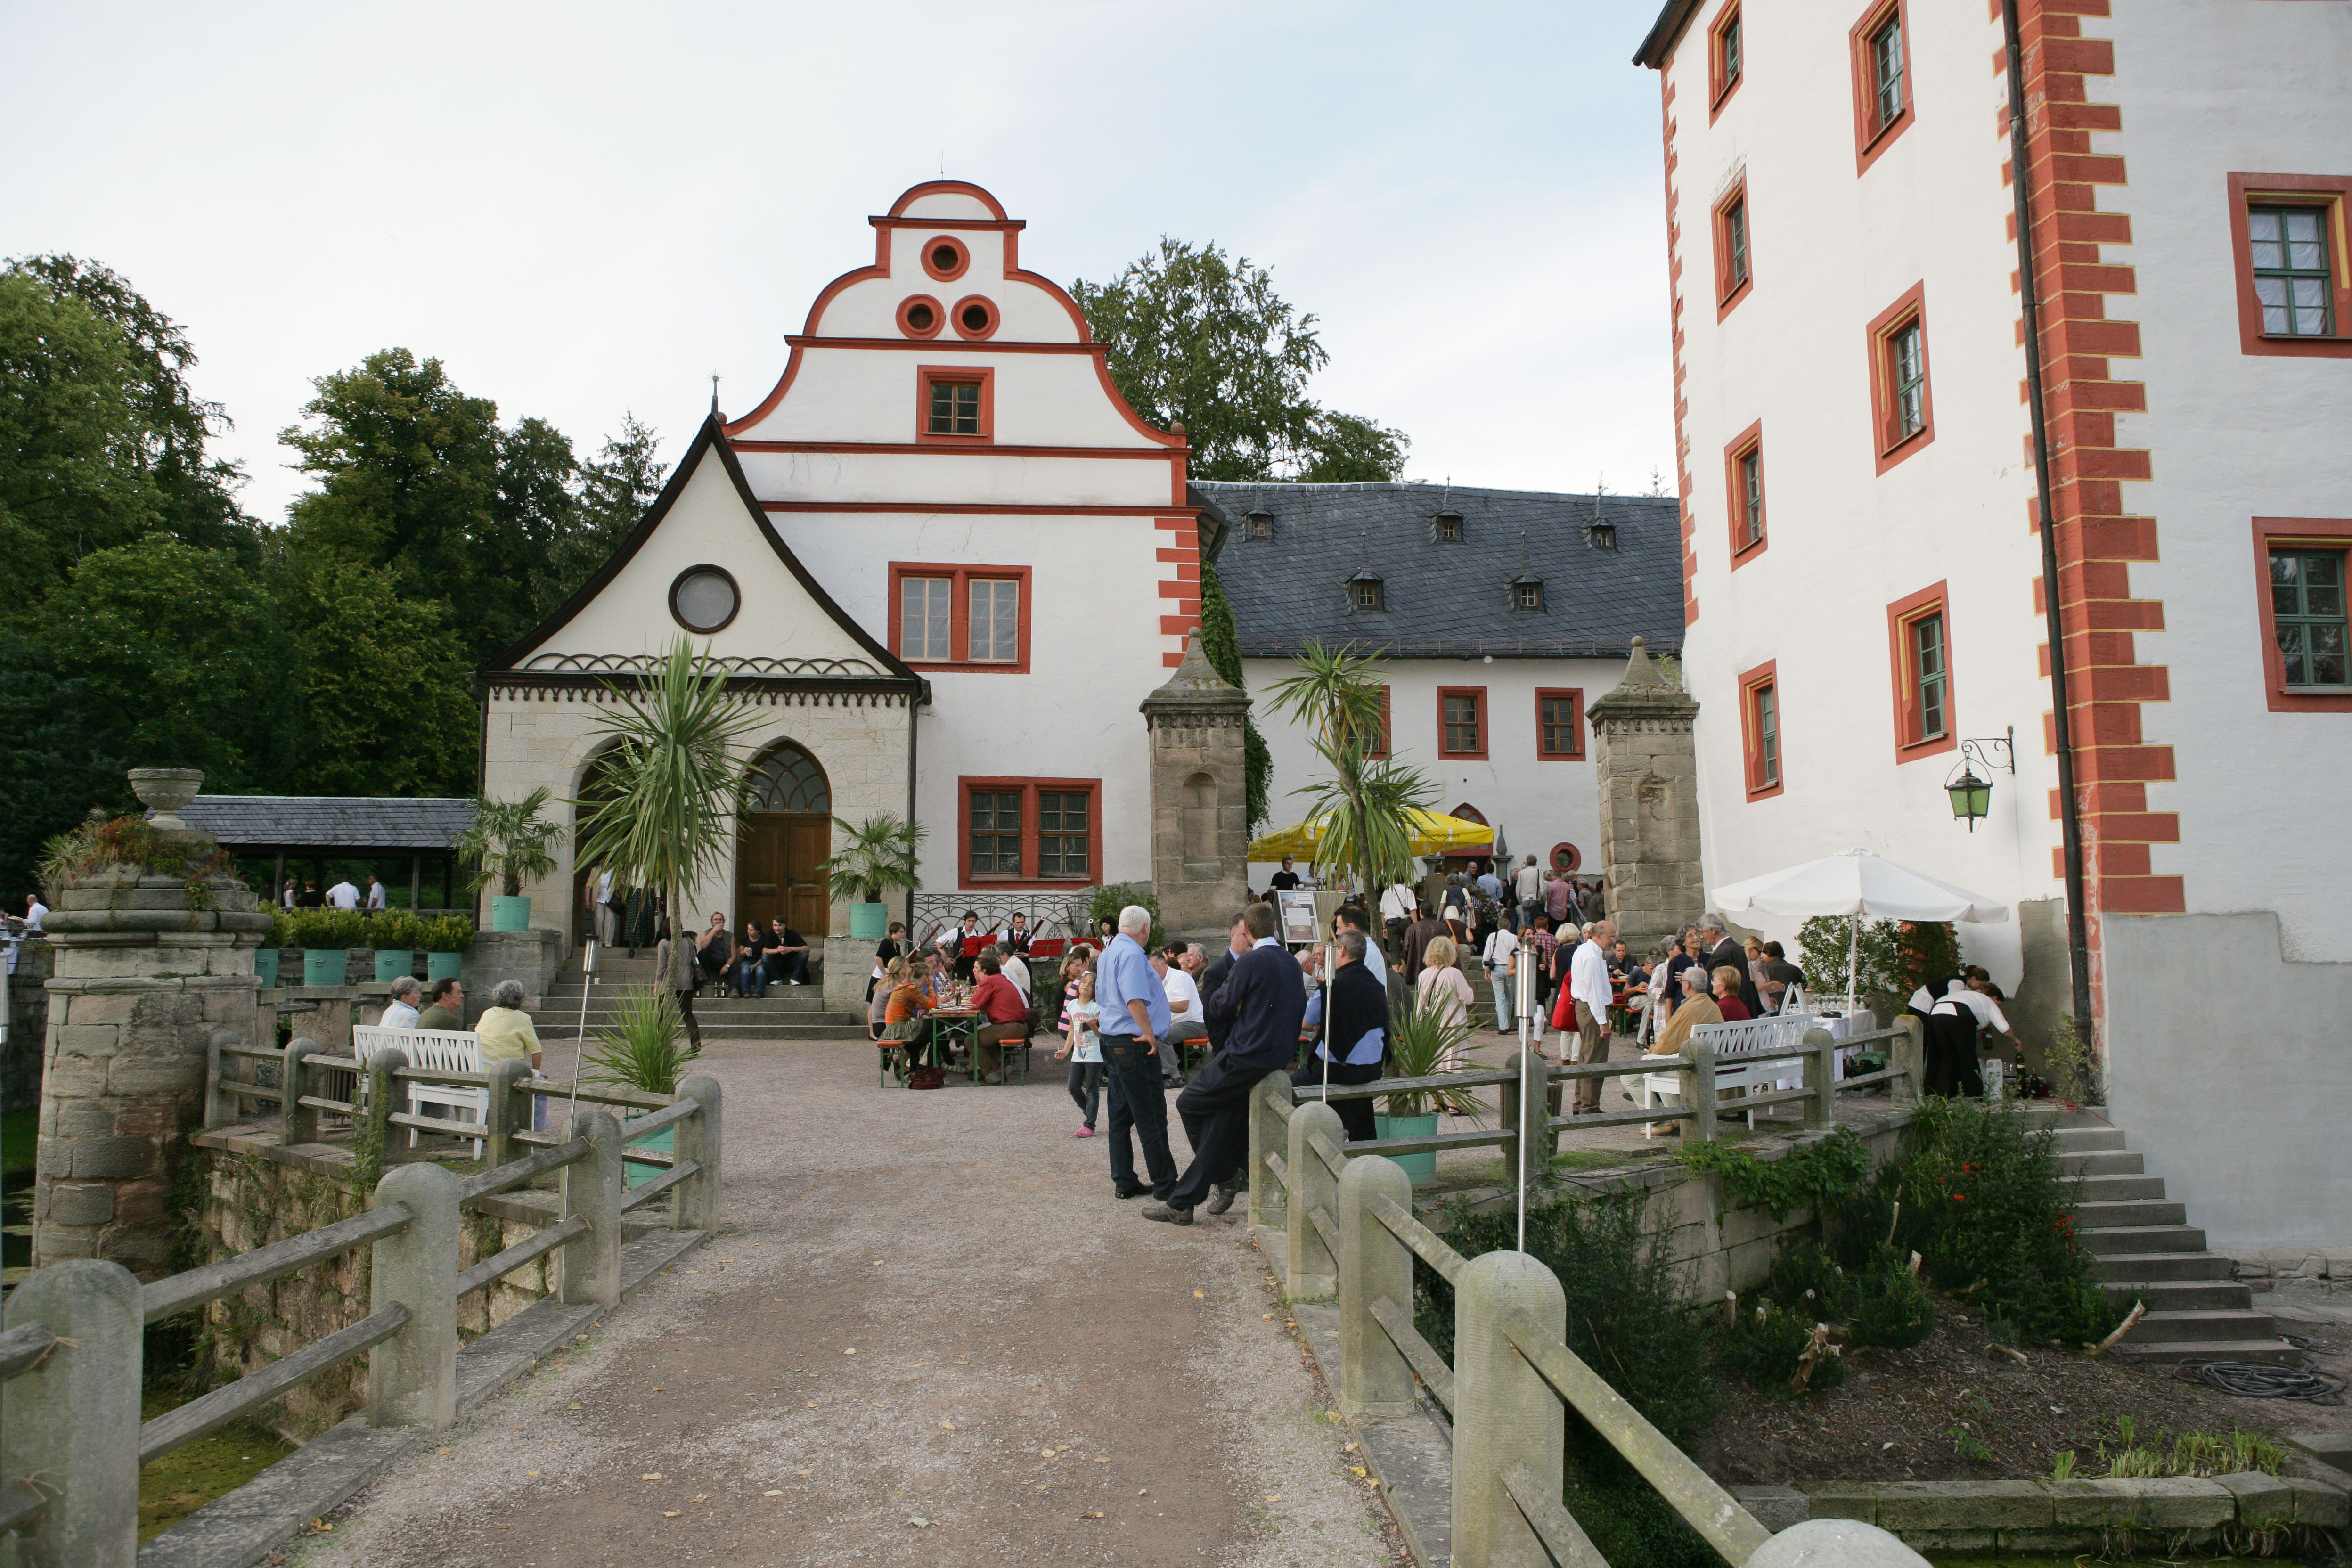 Schlosshof mit sitzenden und stehenden Personen